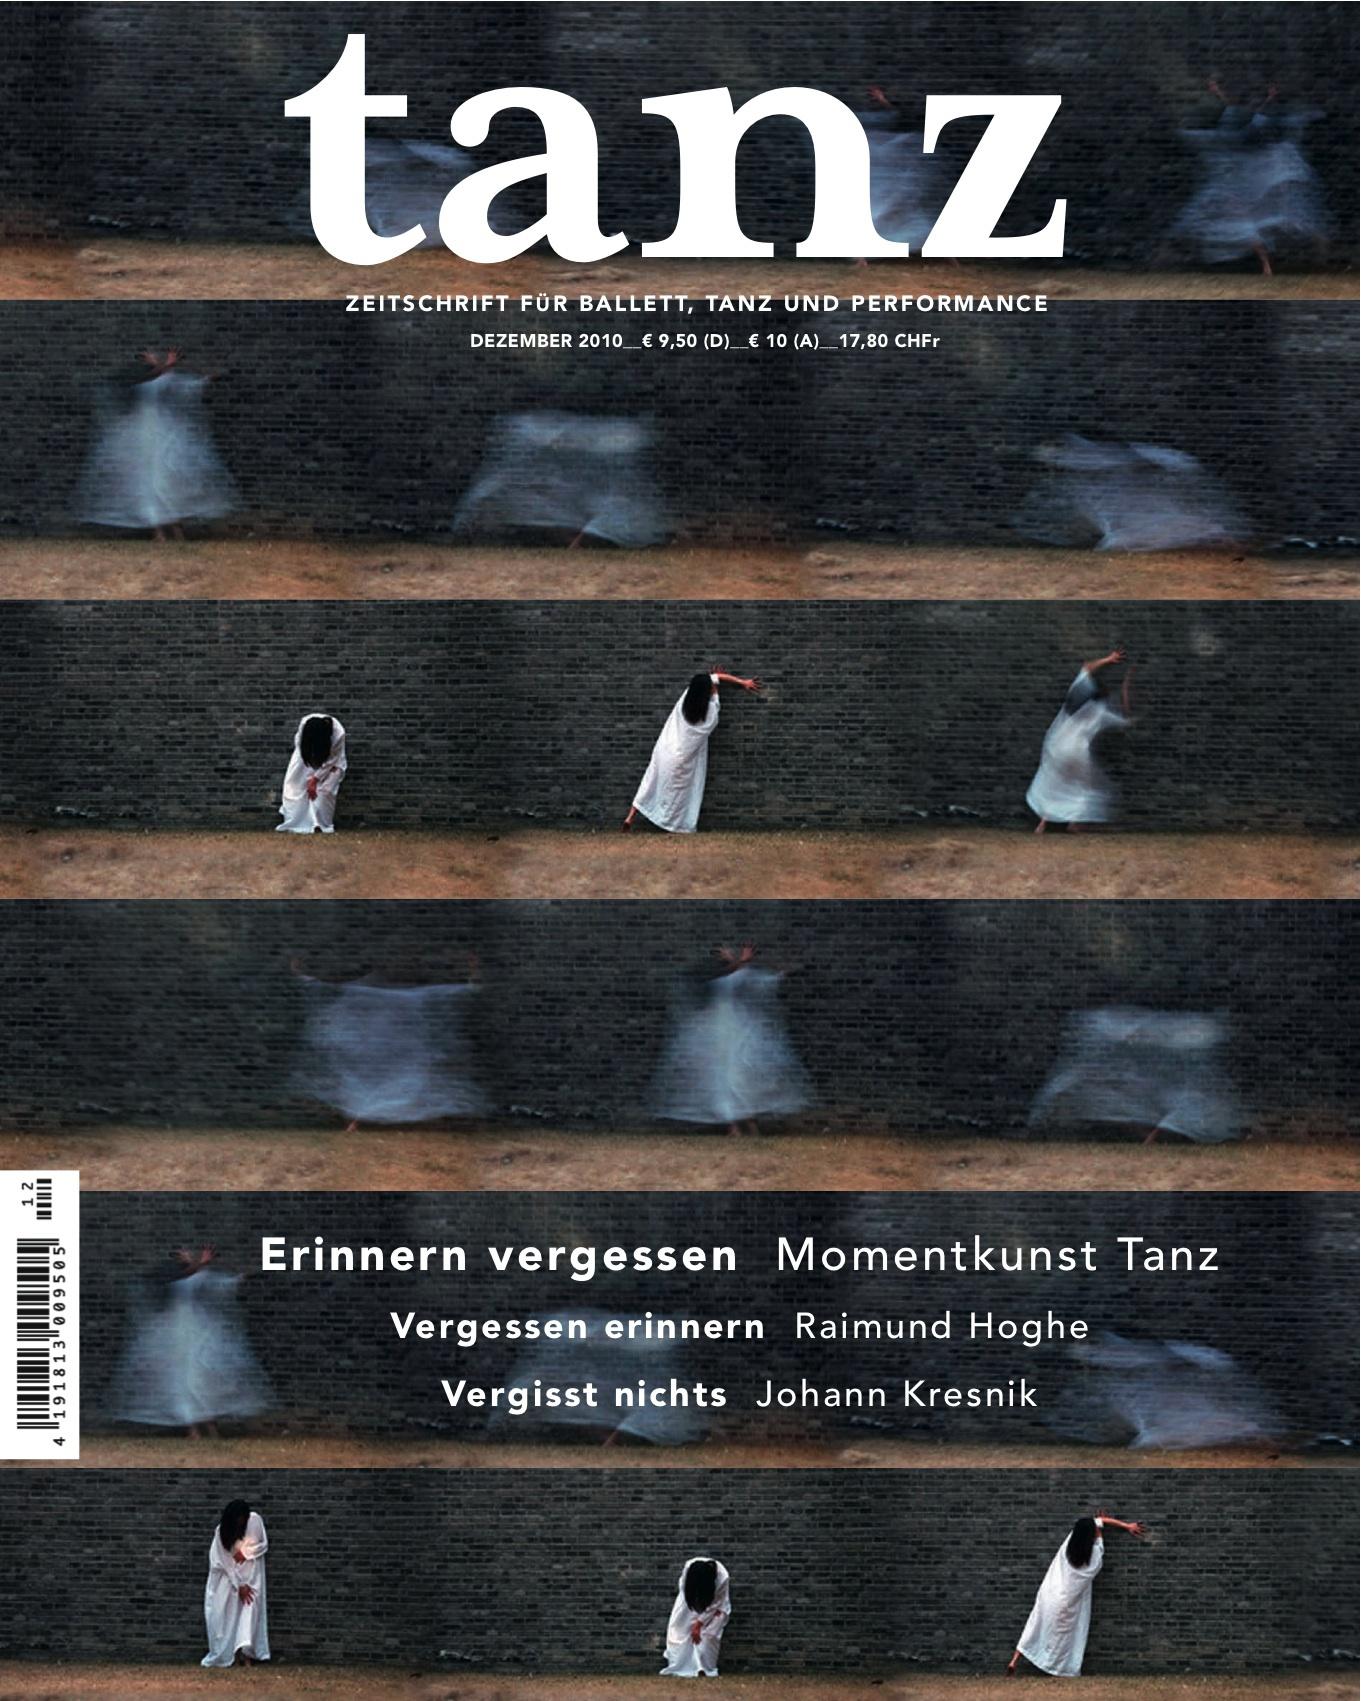 Tanz Dezember (12/2010)